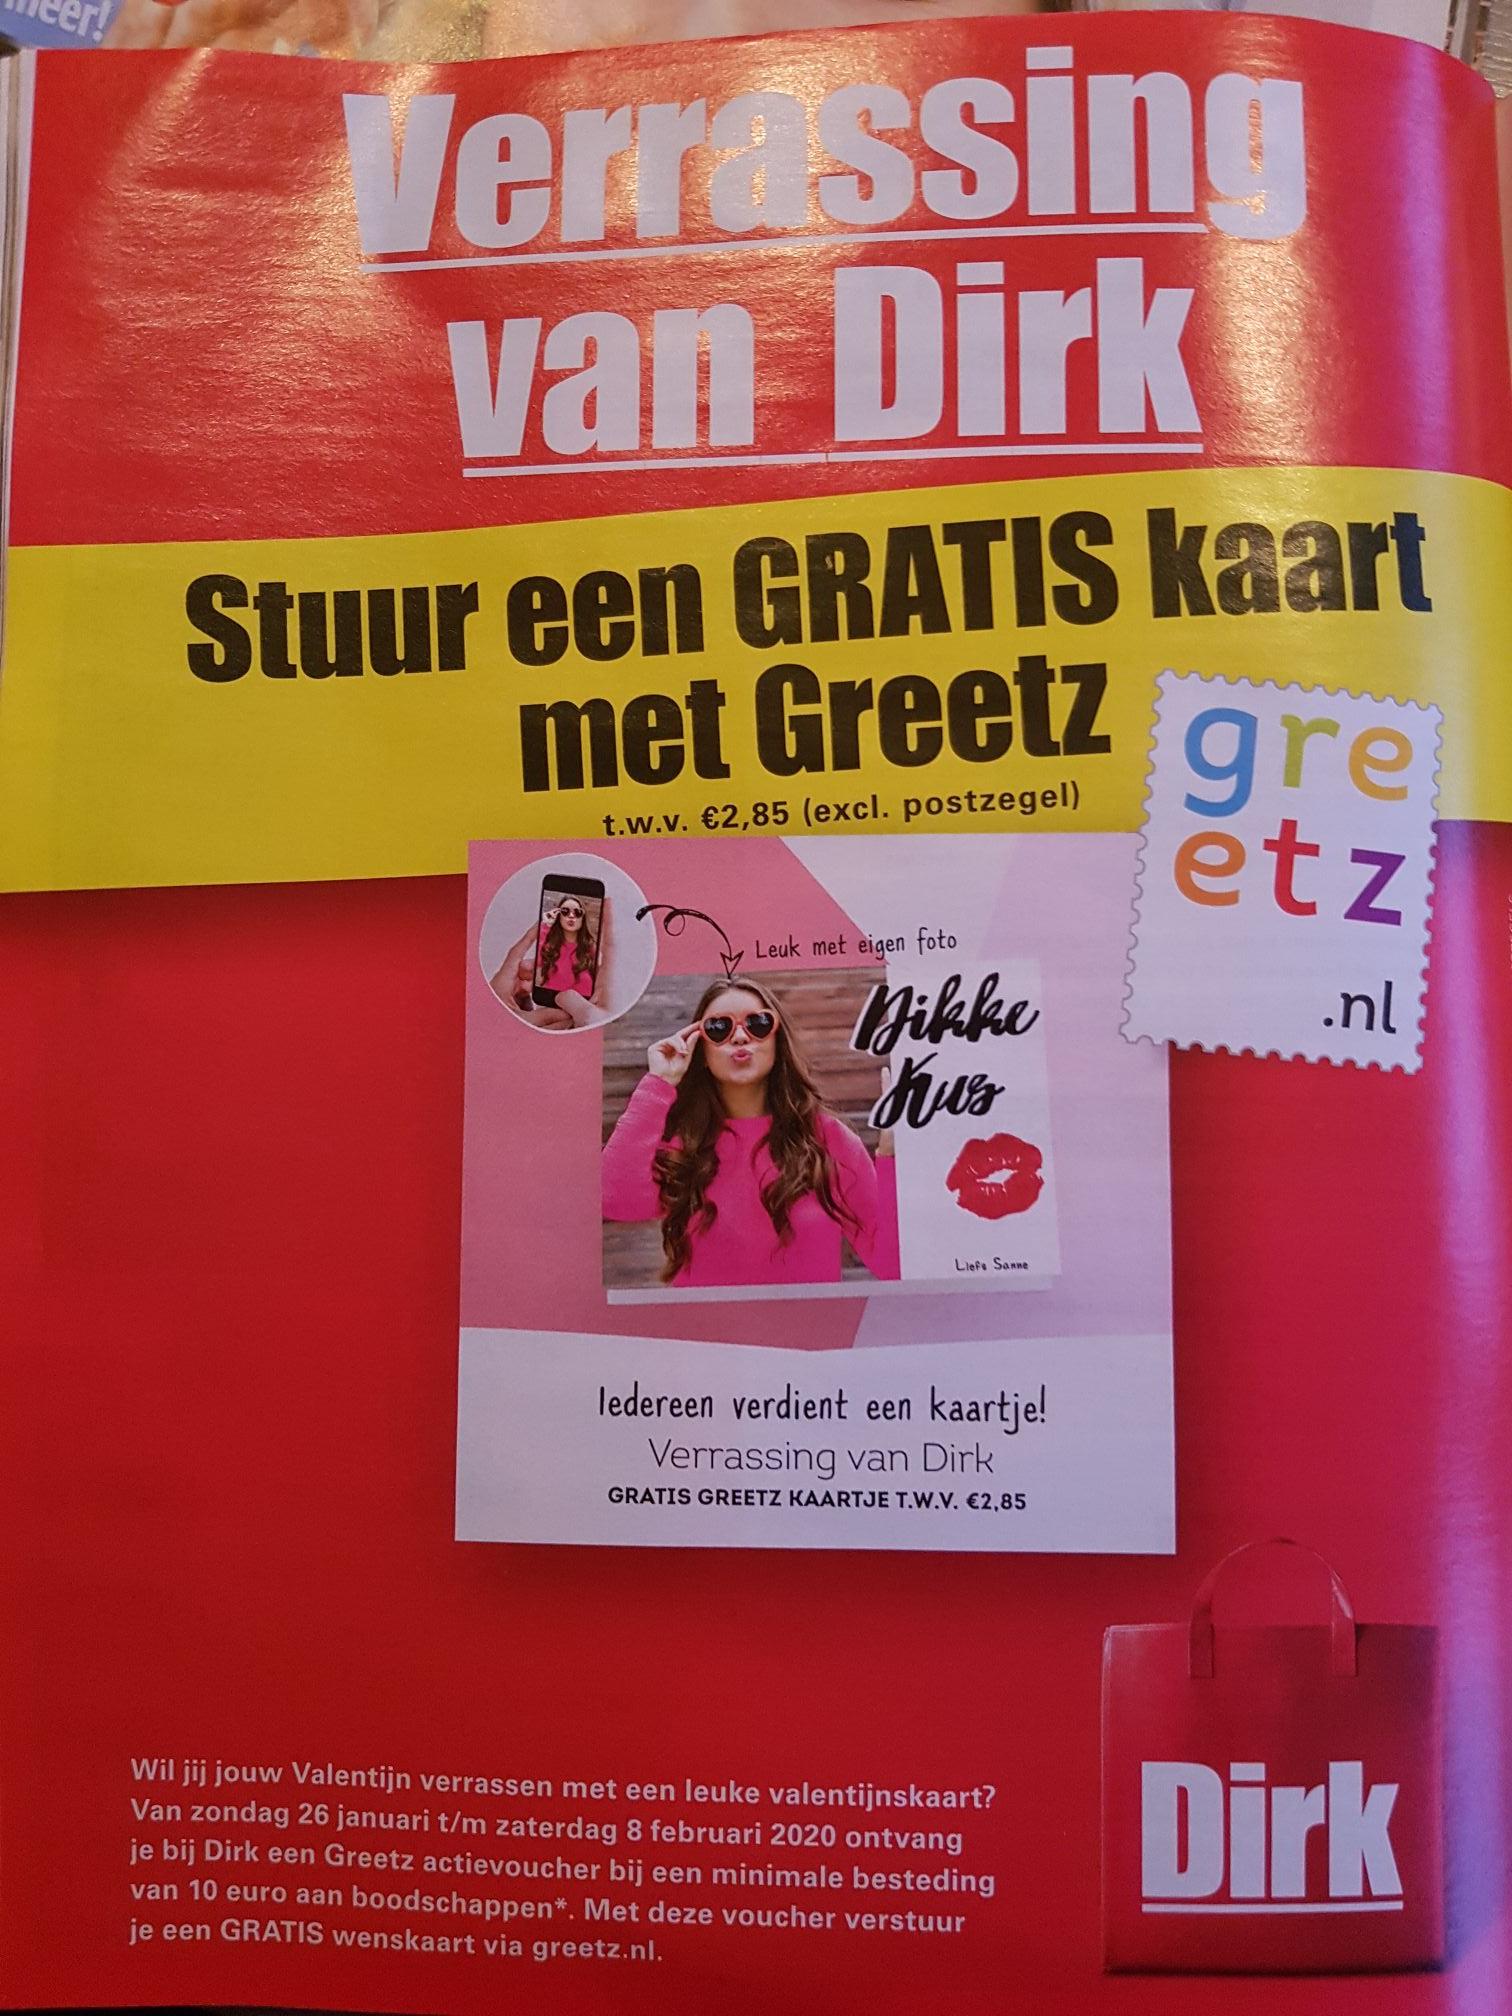 Gratis Greetz kaart versturen (excl. Postzegel) bij Dirk vanaf besteding van 10 euro.